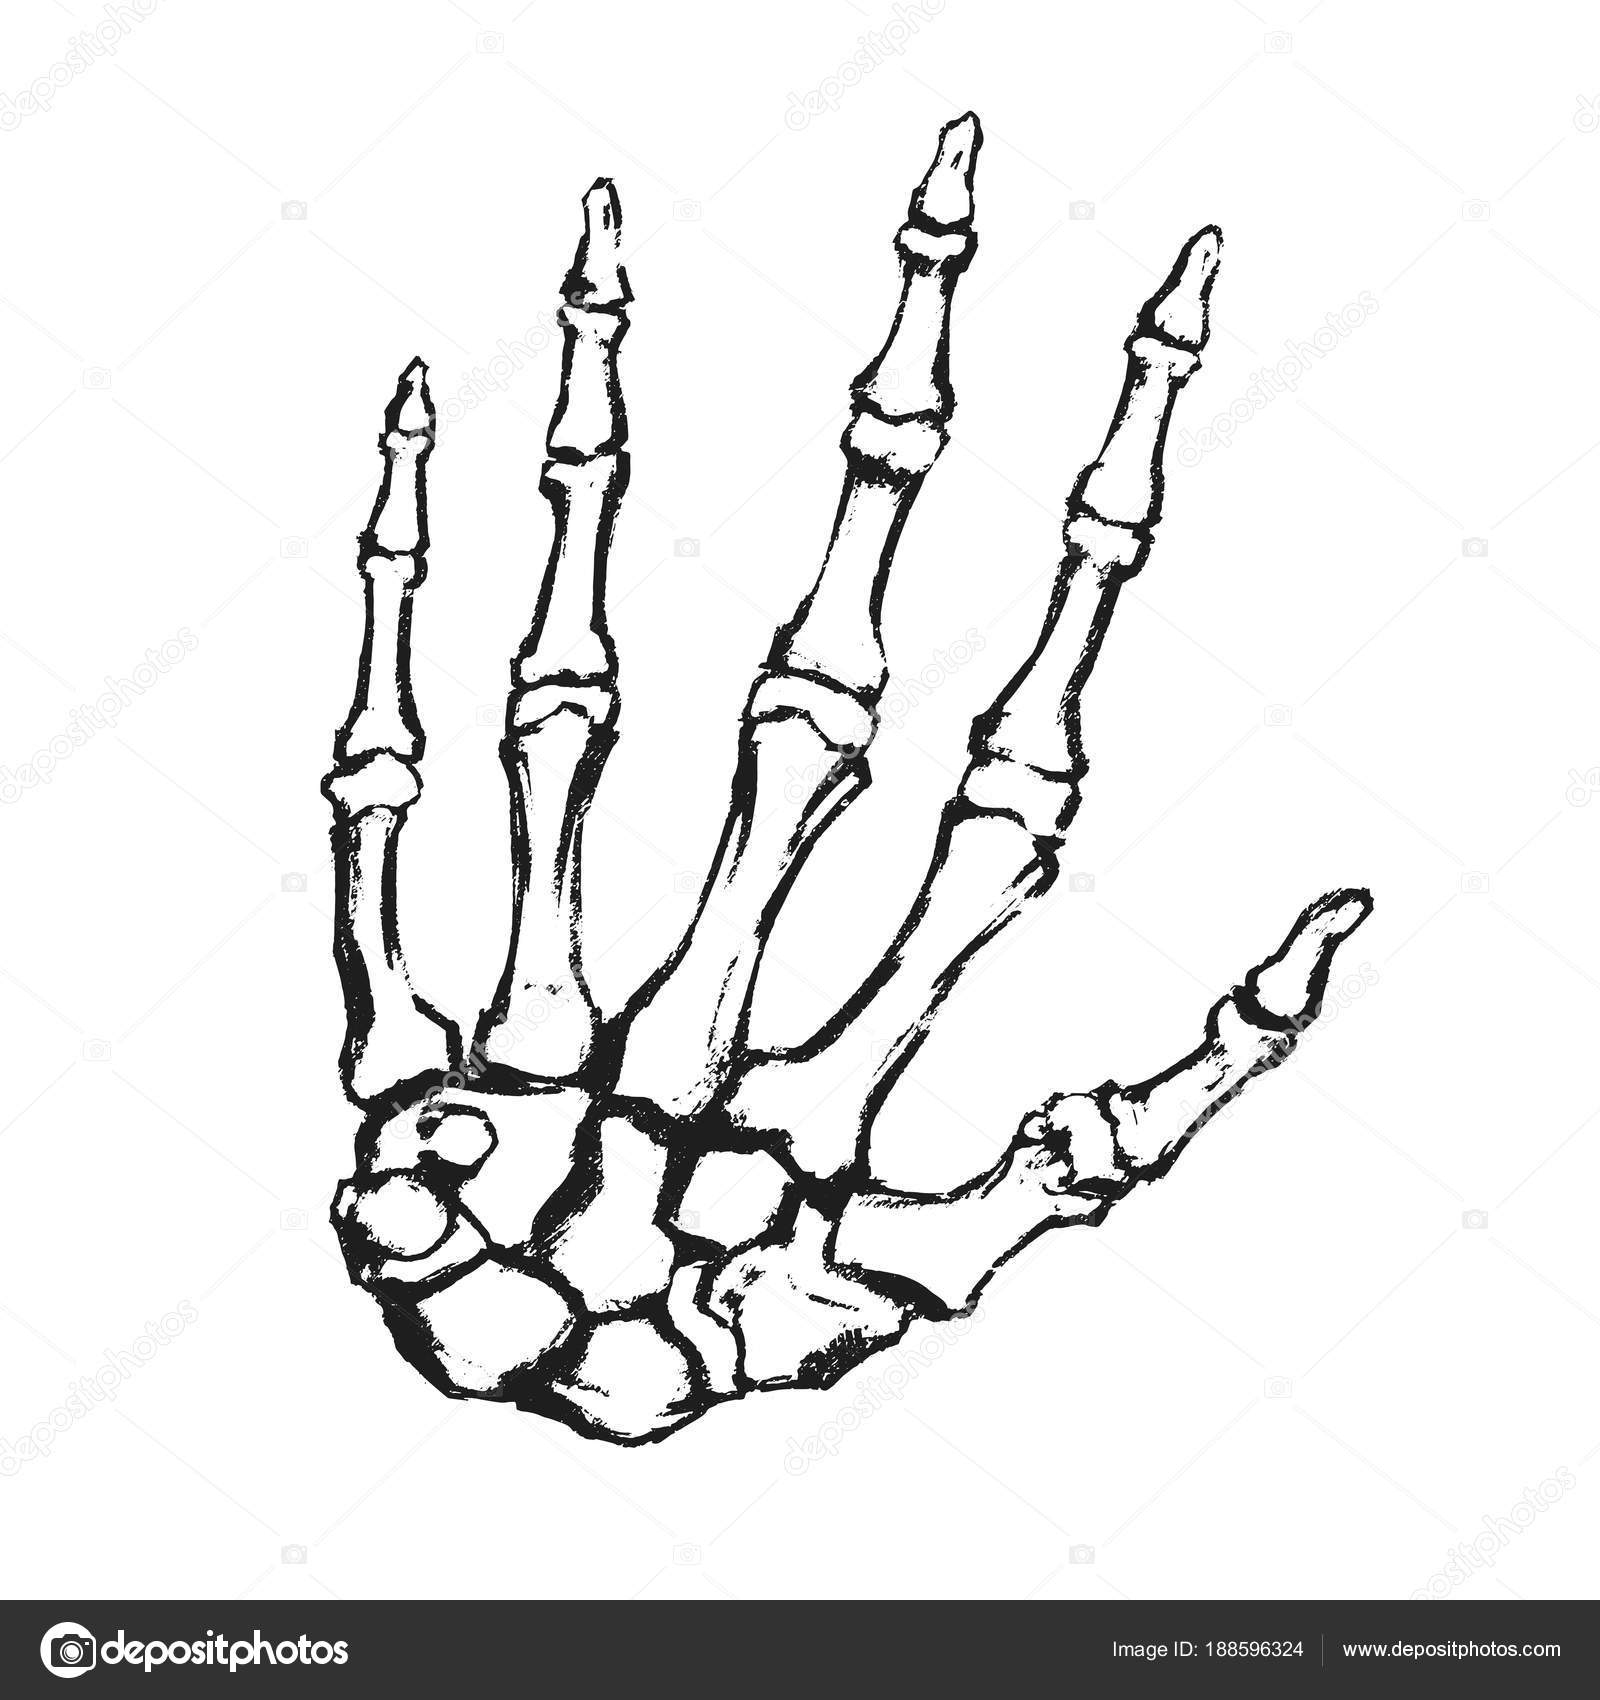 Hand Gezeichnet Hand Bones Anatomische Zeichnung Menschliche Skelett ...